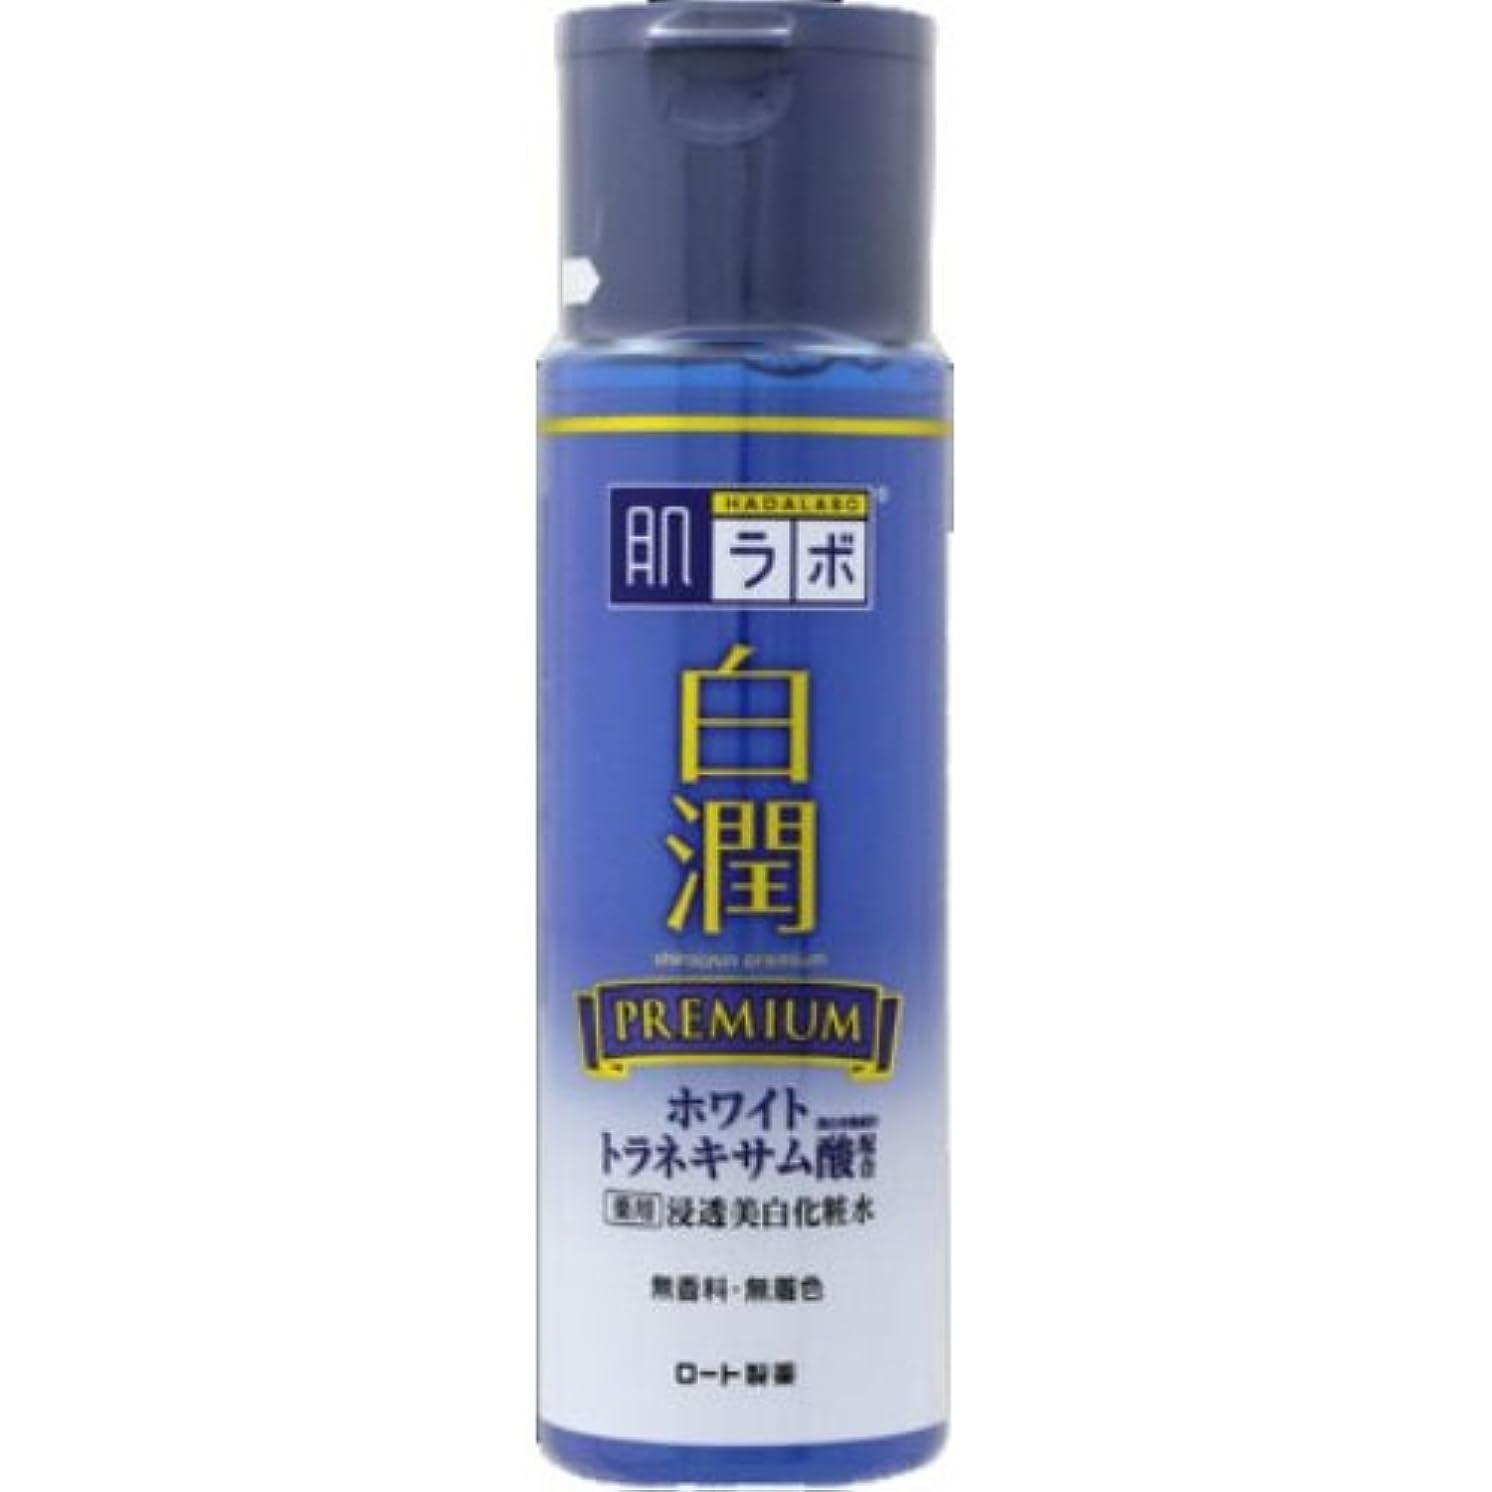 モンク因子放送肌ラボ 白潤プレミアム 薬用浸透美白化粧水 170mL × 48個セット